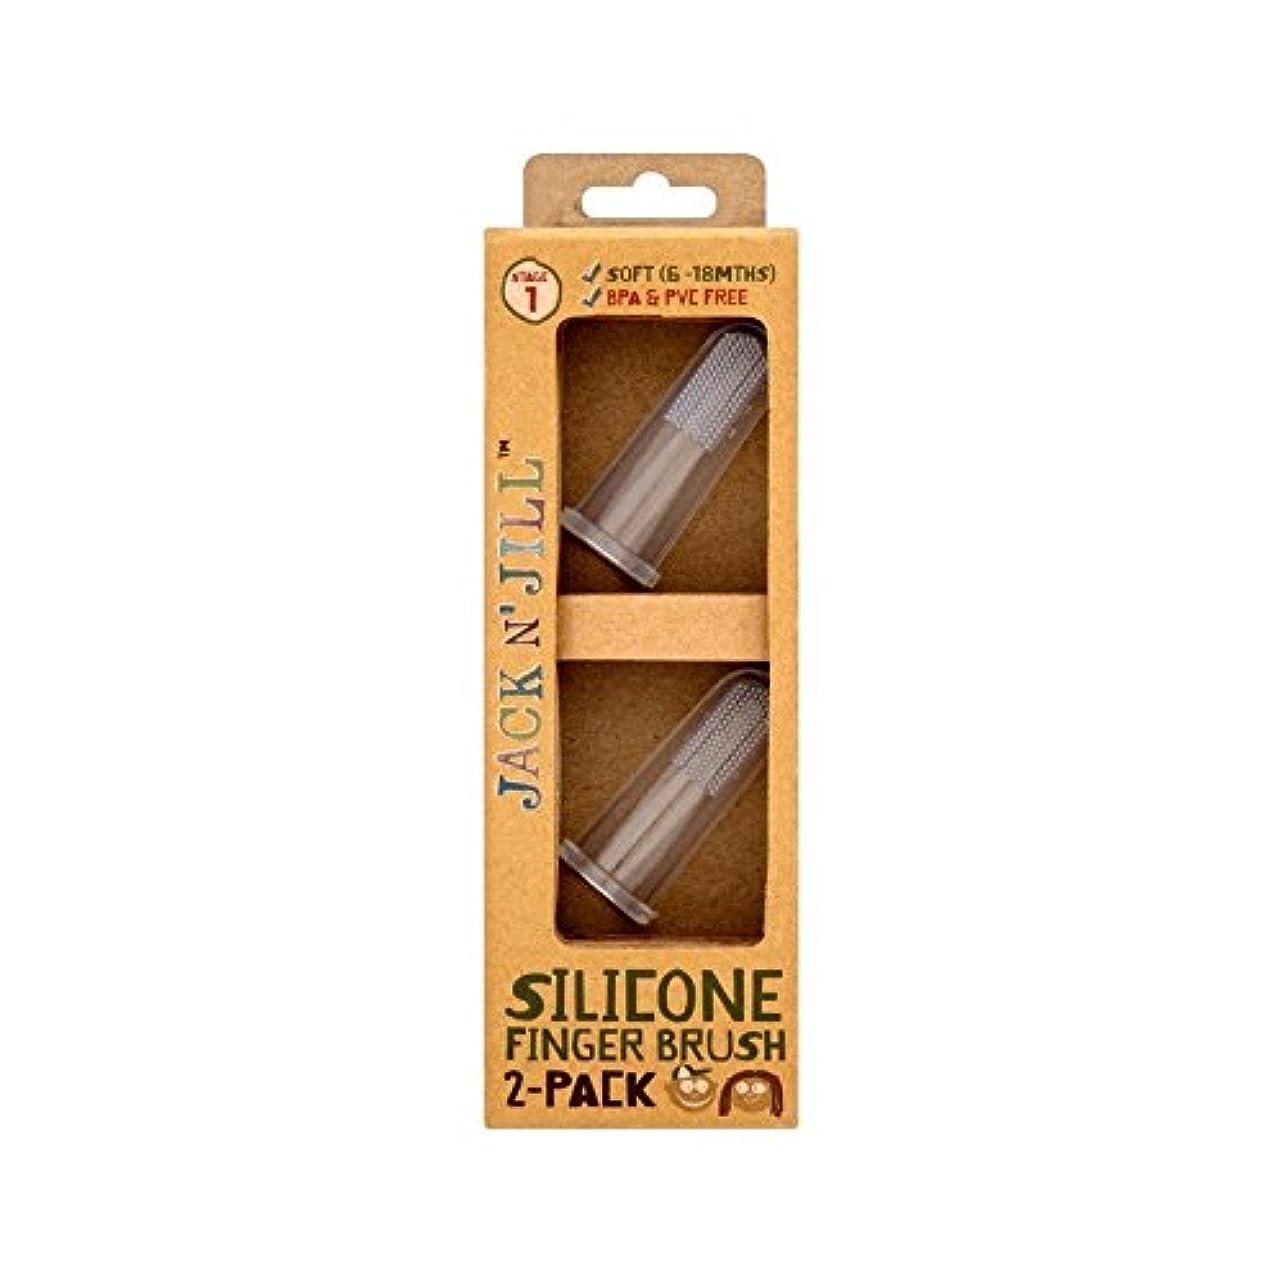 旅行者ナインへ神秘的なシリコーン指ブラシ2パックあたりパック2 (Jack N Jill) (x 6) - Jack N' Jill Silicone Finger Brush 2 Pack 2 per pack (Pack of 6) [並行輸入品]